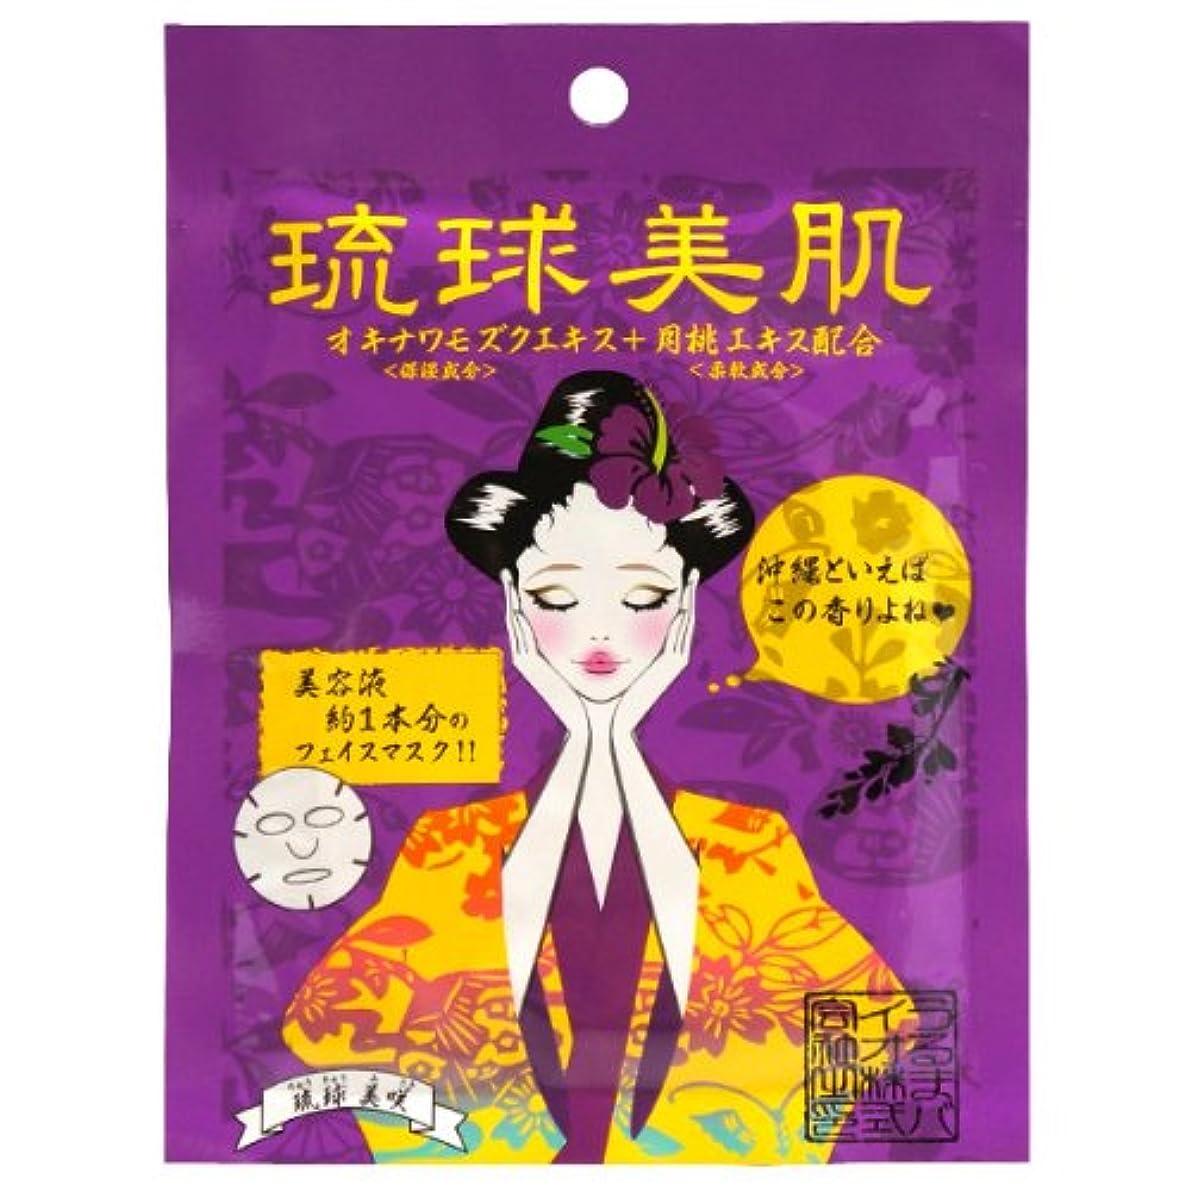 スペシャリスト特異な不名誉琉球美肌 月桃の香り